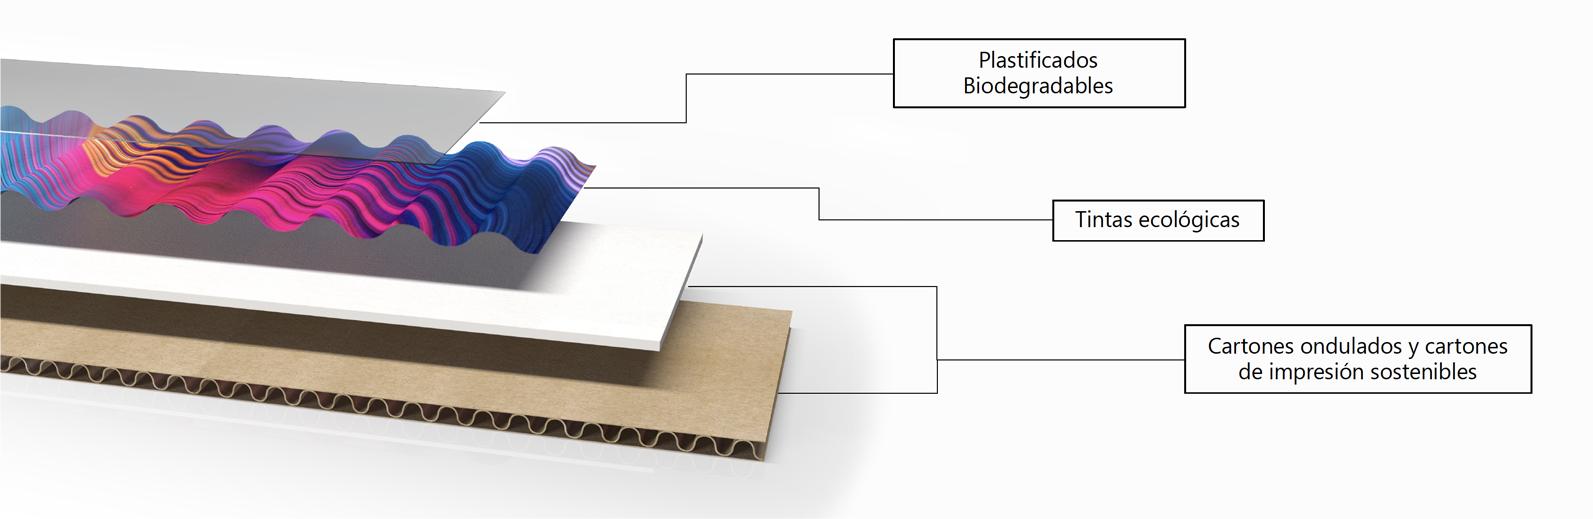 Materiales y acabados para PLV Sostenible